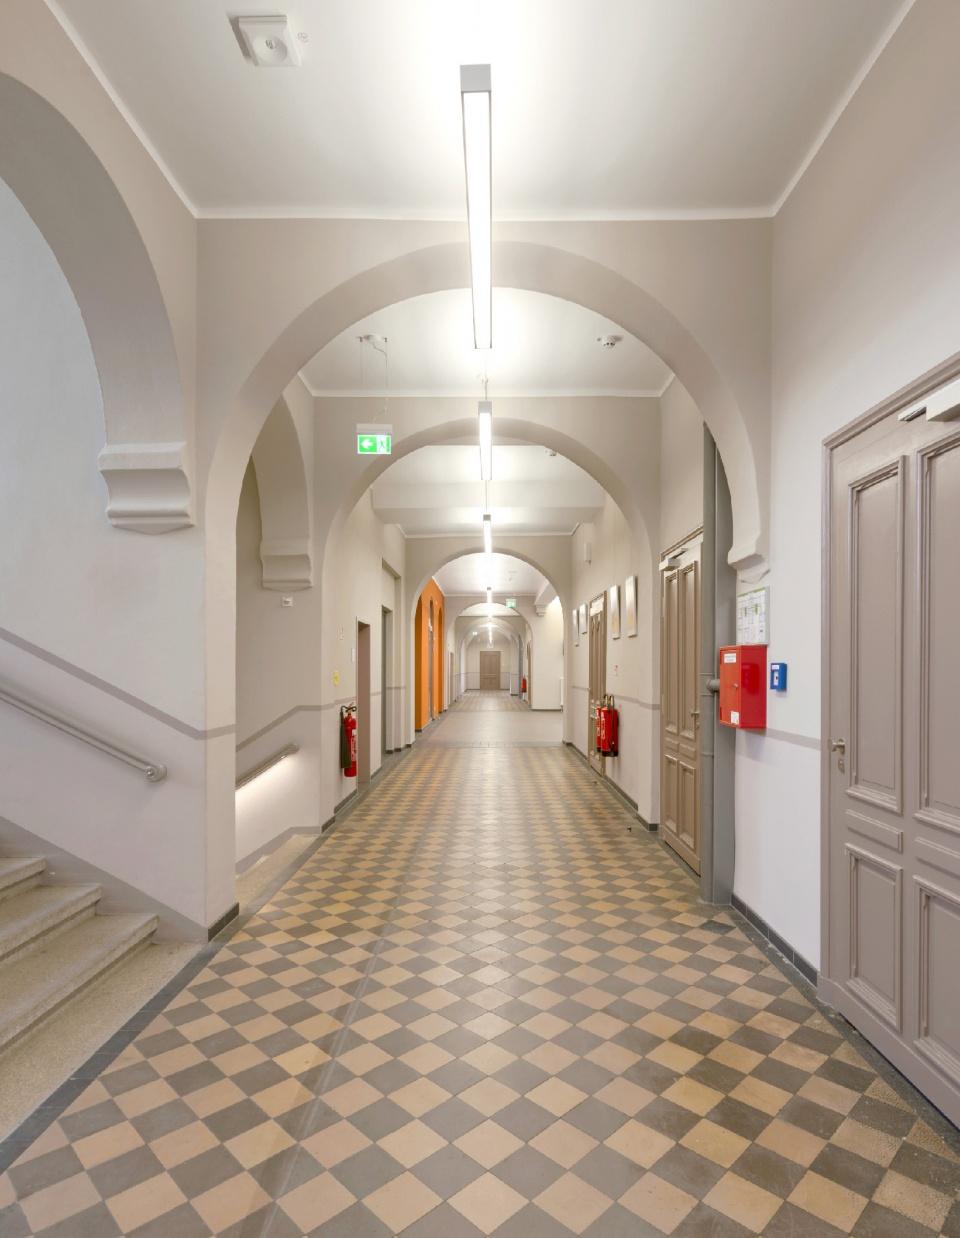 projektseite gymnasium am wei en turm p neck architekten bda. Black Bedroom Furniture Sets. Home Design Ideas